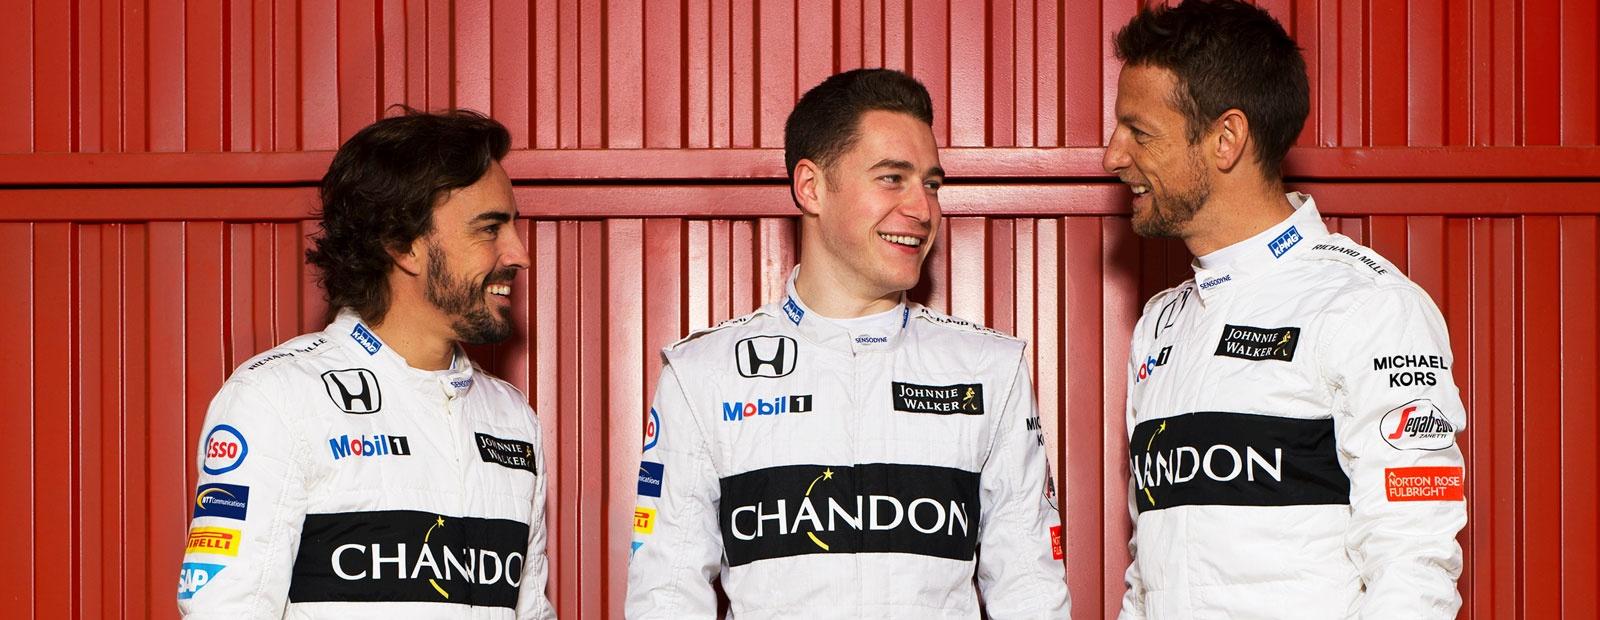 T-SHIRT McLaren Honda Team Members/' Formula One 1 F1 Vandoorne Alonso US